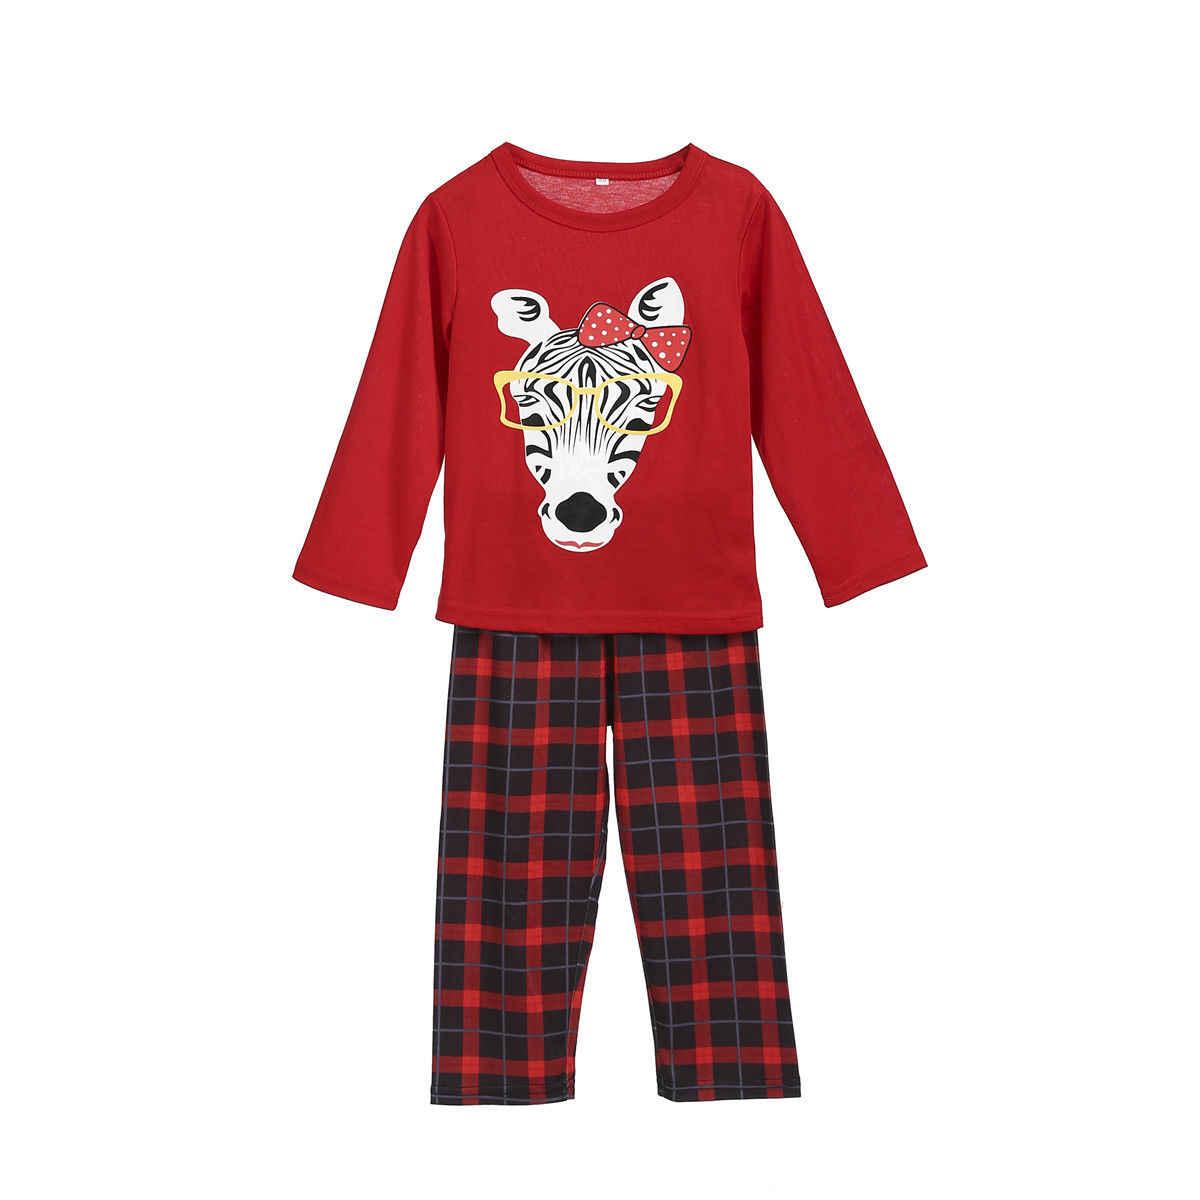 9168582981 ... Xmas Family Pajamas Set Mom Kids Nightwear Christmas Zebra Print Plaid  pants PJ s Sleepwear